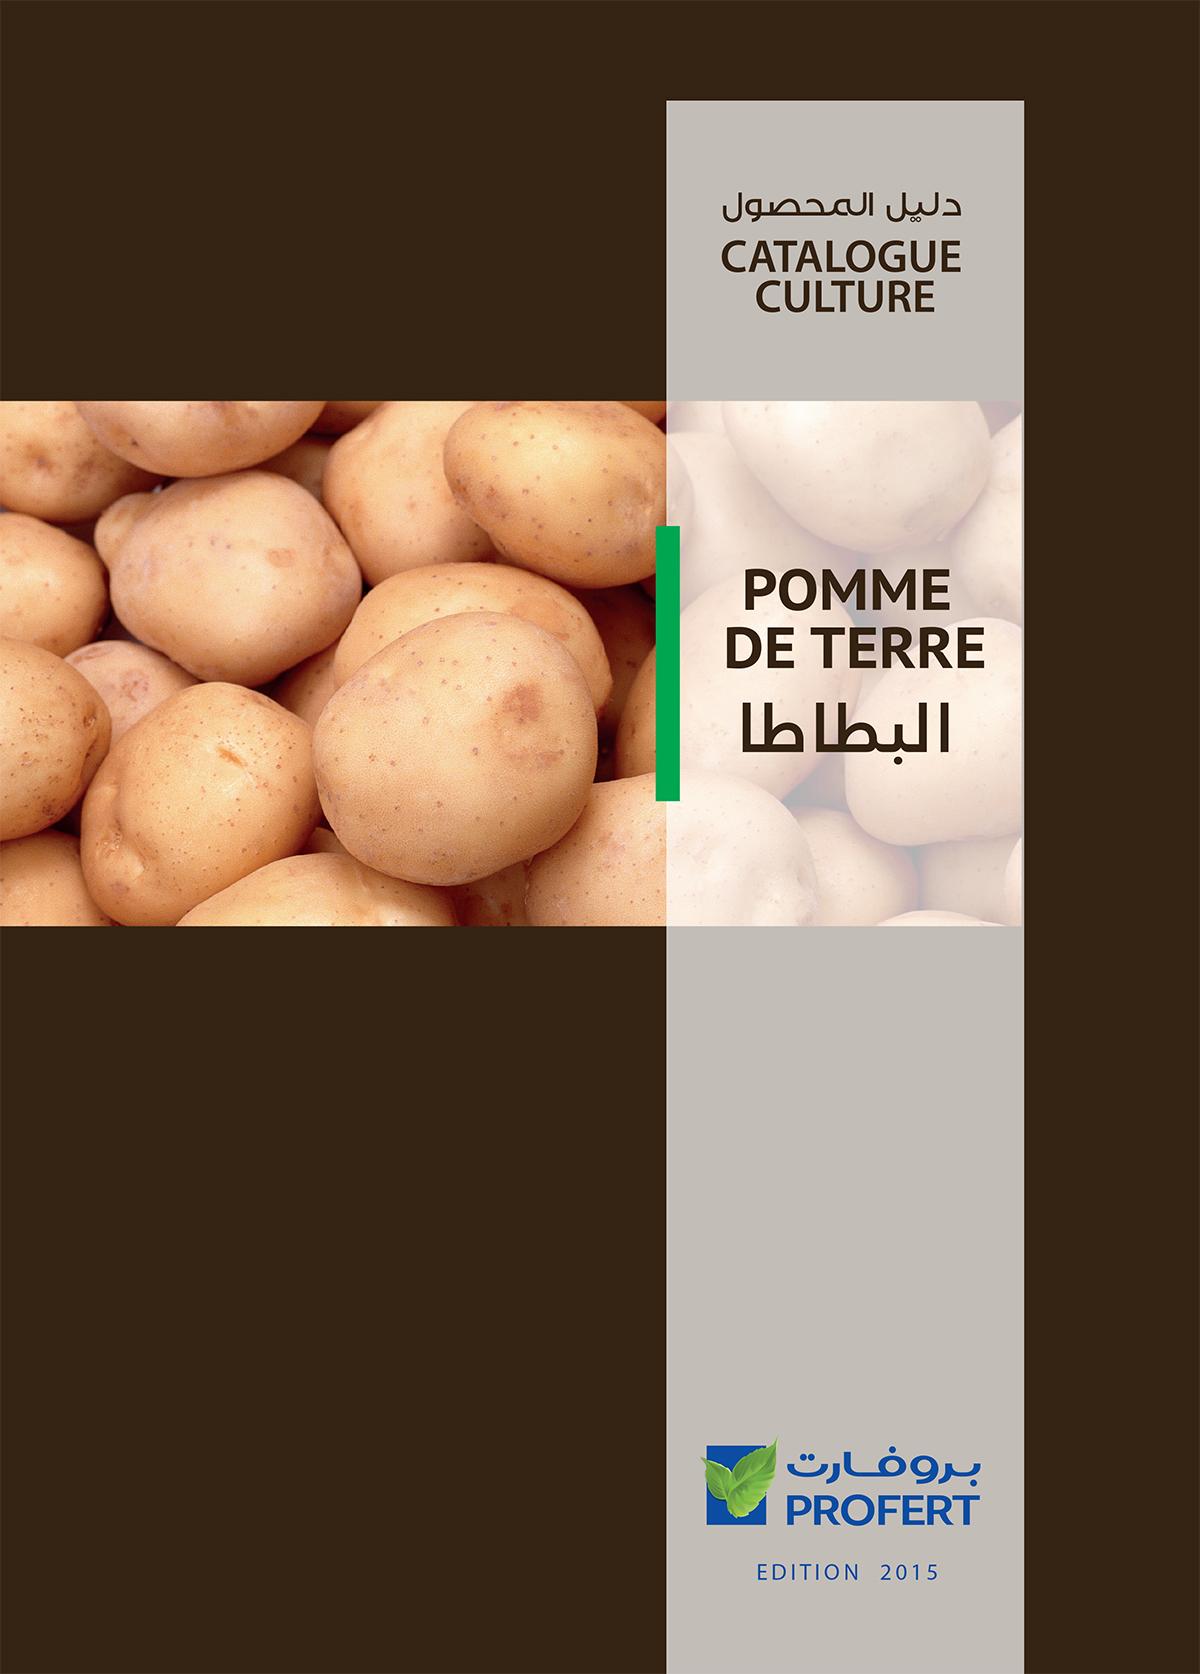 Profert-Apercu-Catalogue pomme de terre